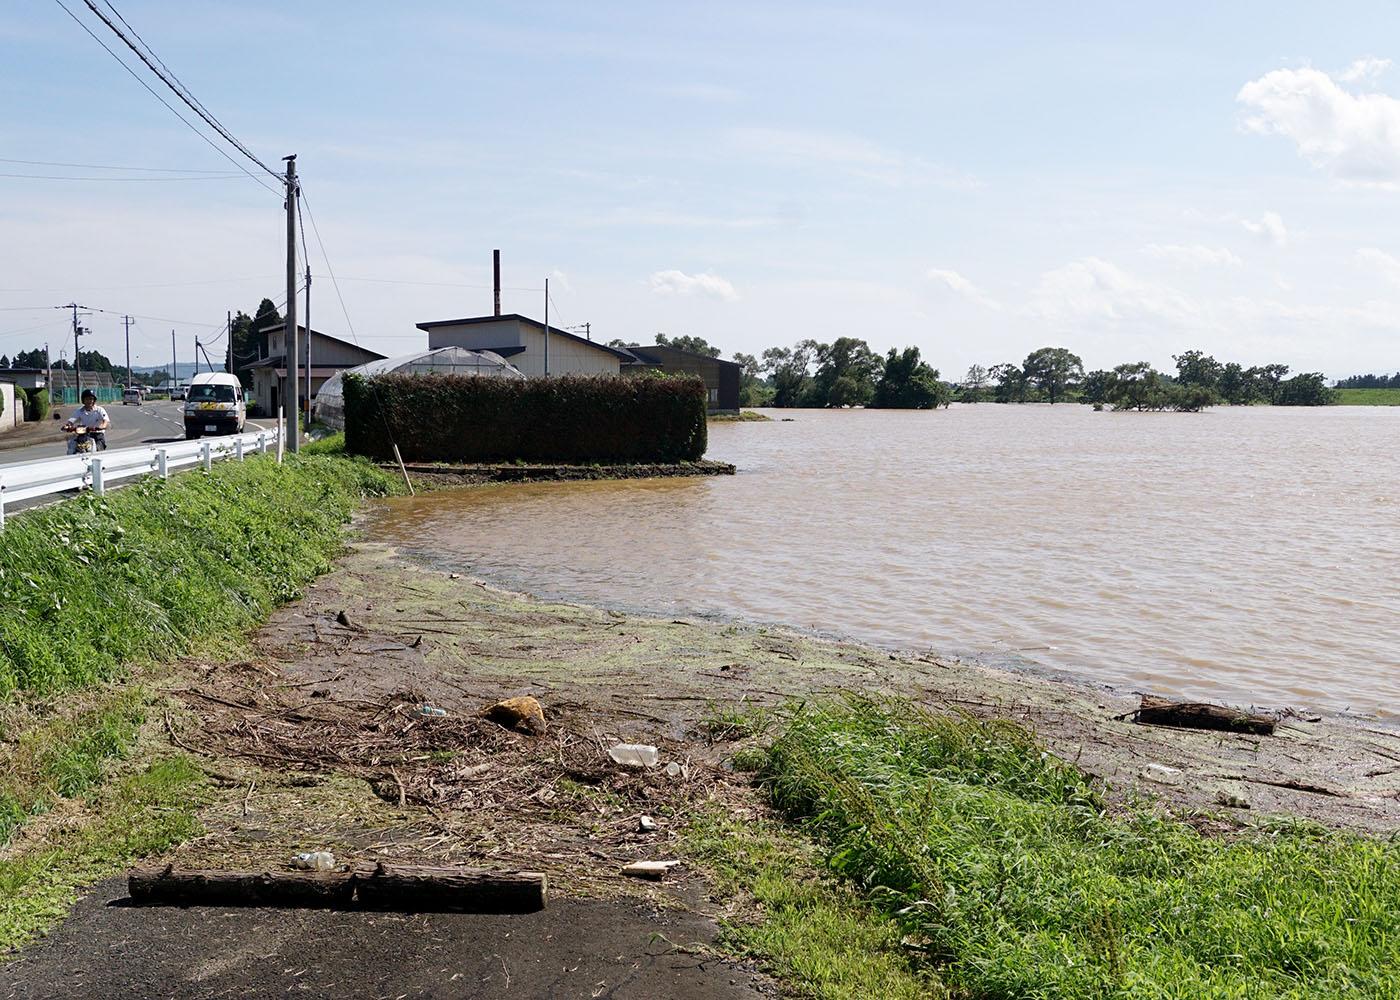 花巻、8月最大観測 北上川流域で冠水も 24日からの大雨|Iwanichi ...